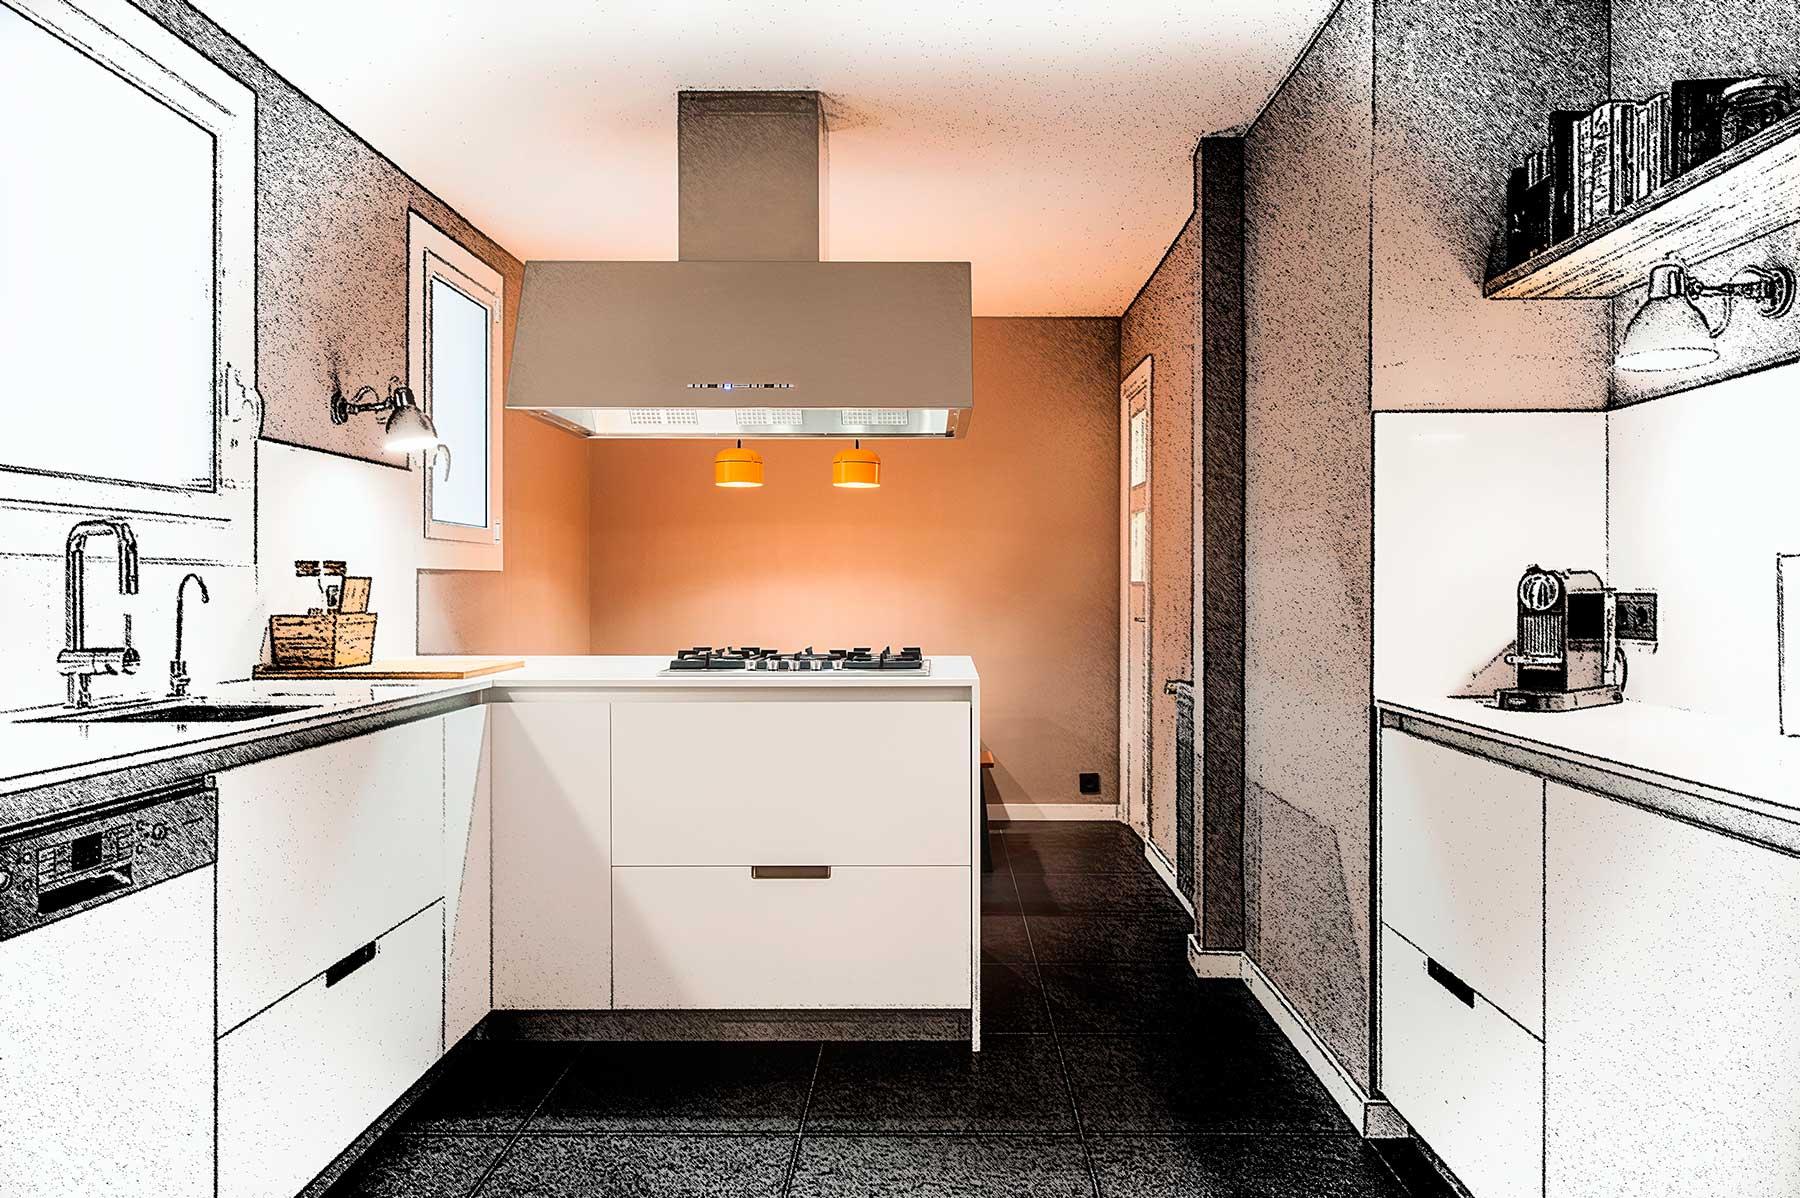 Proyecto reforma cocina Floc Interiorismo / Projecte reforma cuina interiorisme